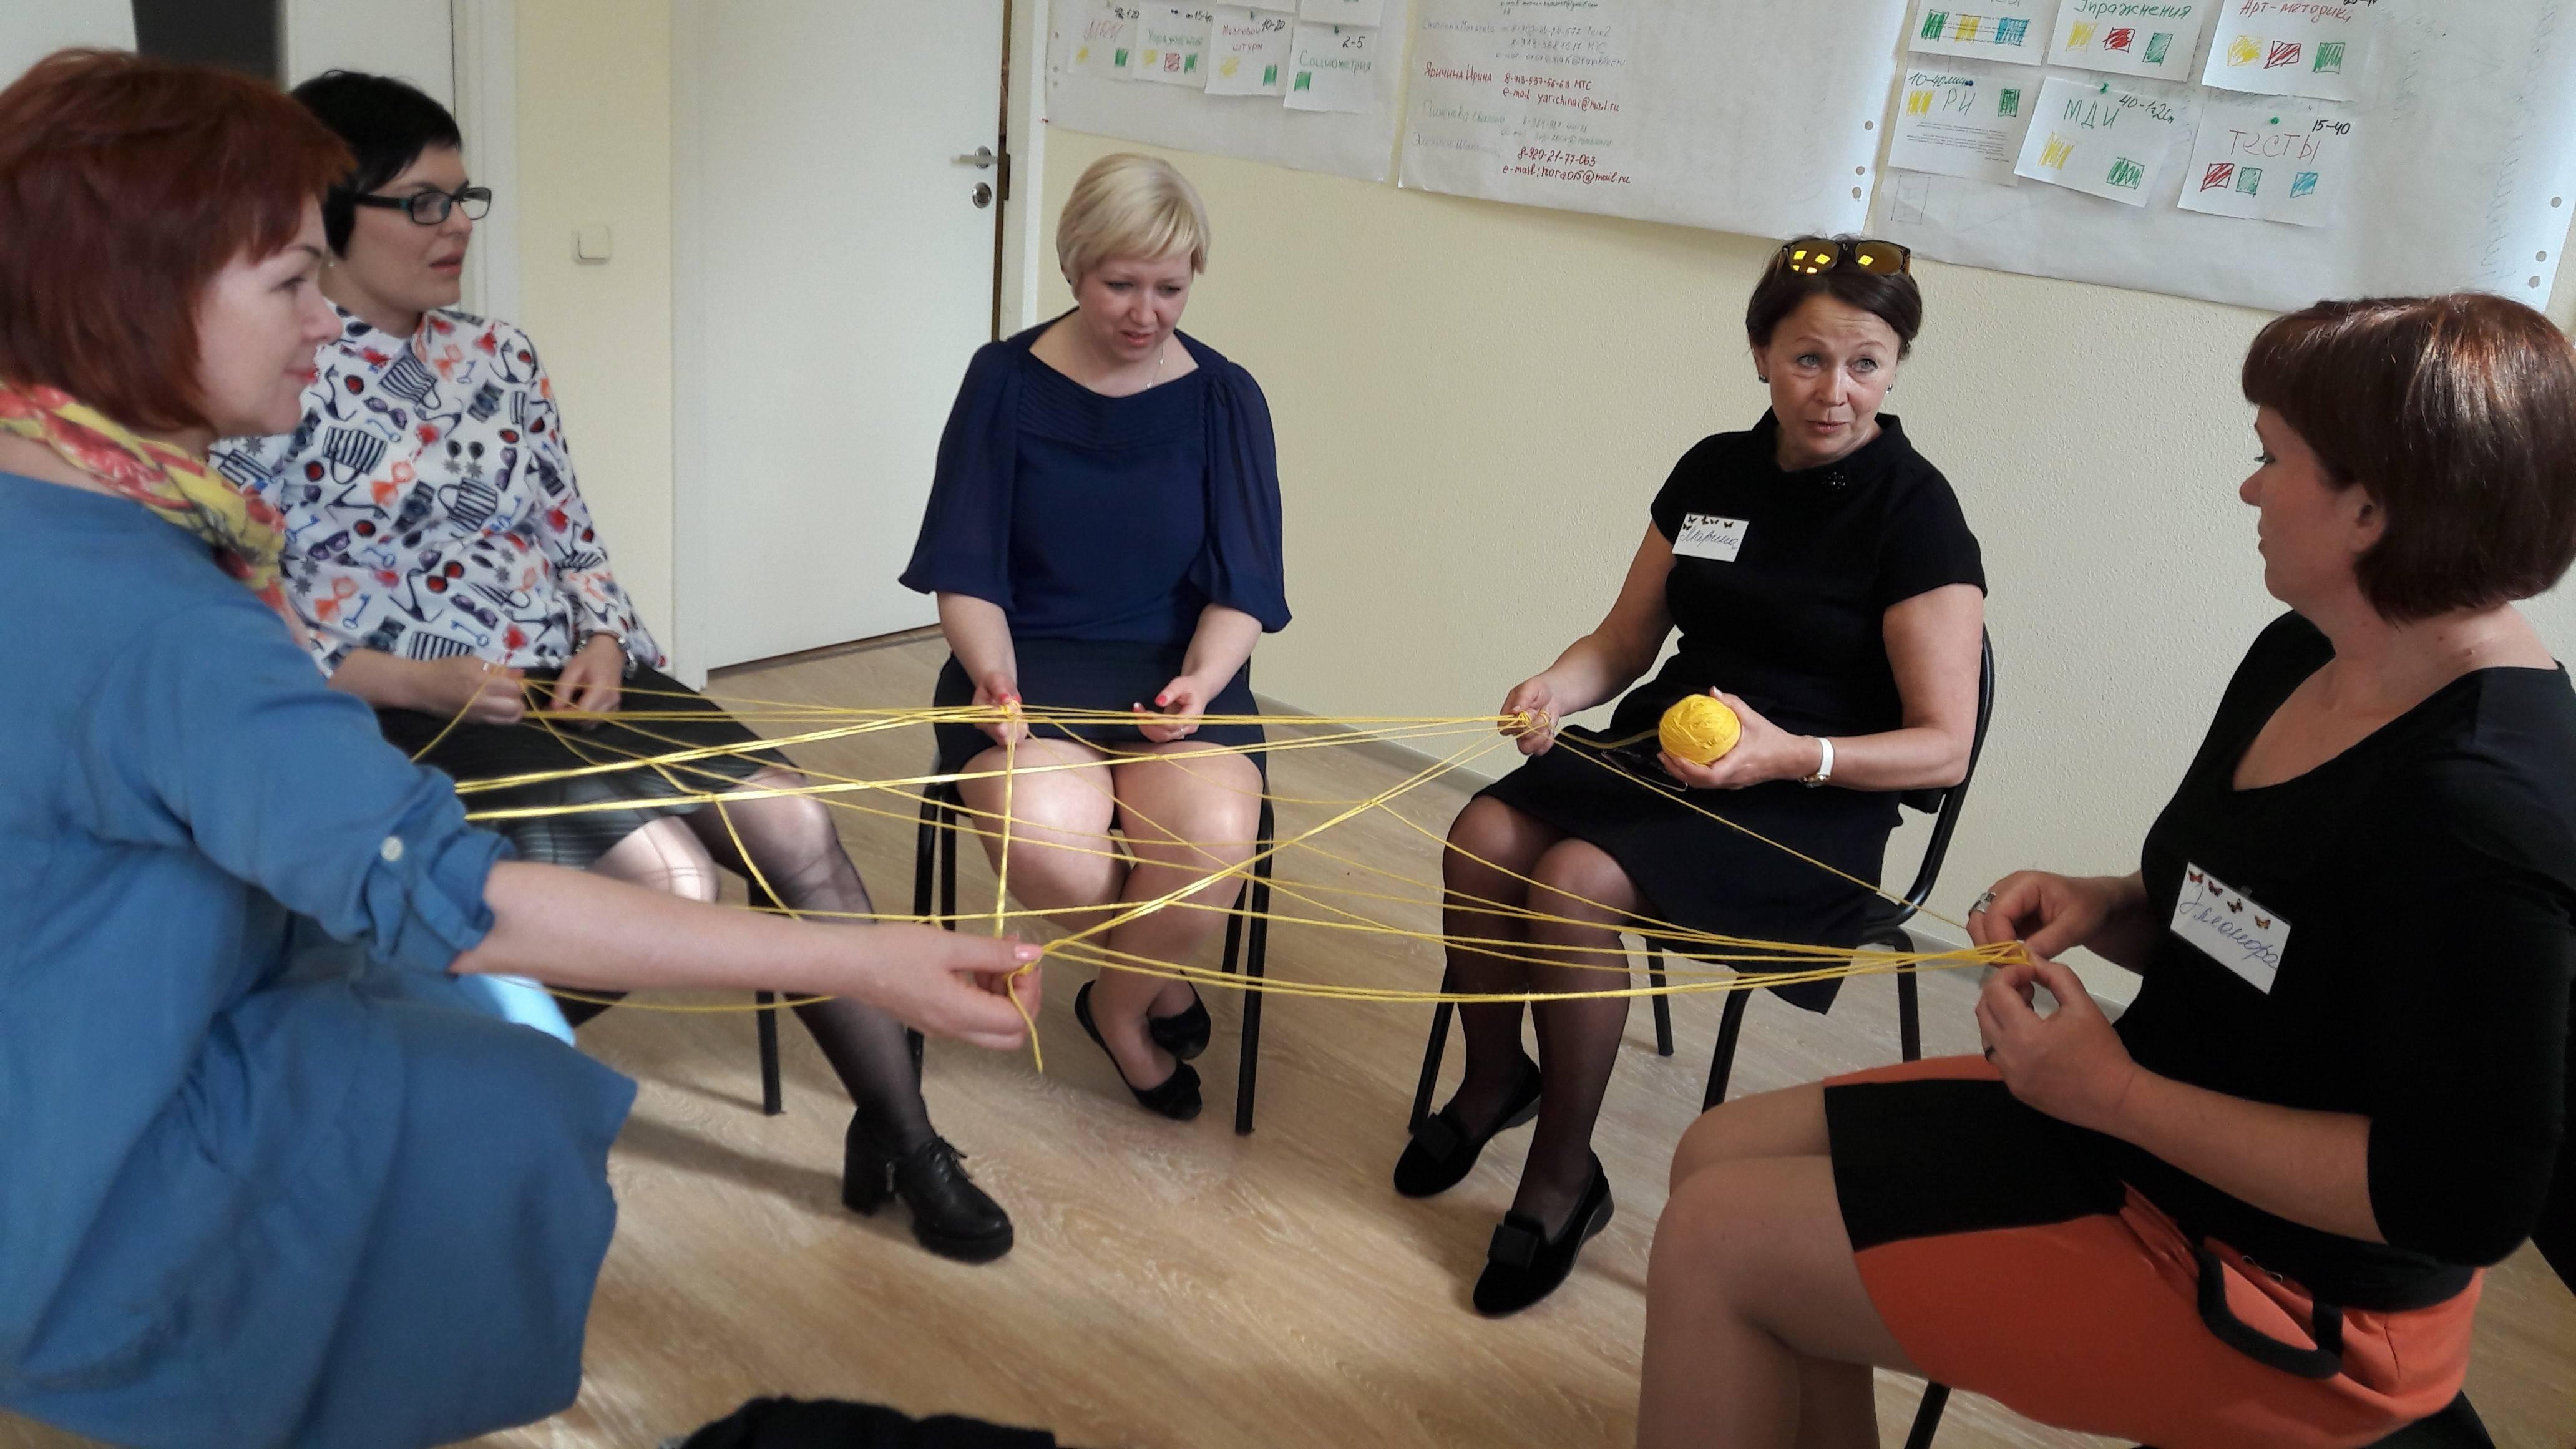 Психолог-тренер - дистанционный курс обучения. практическая психологическая помощь в области групповой (тренинговой) работы - ано «ниидпо»